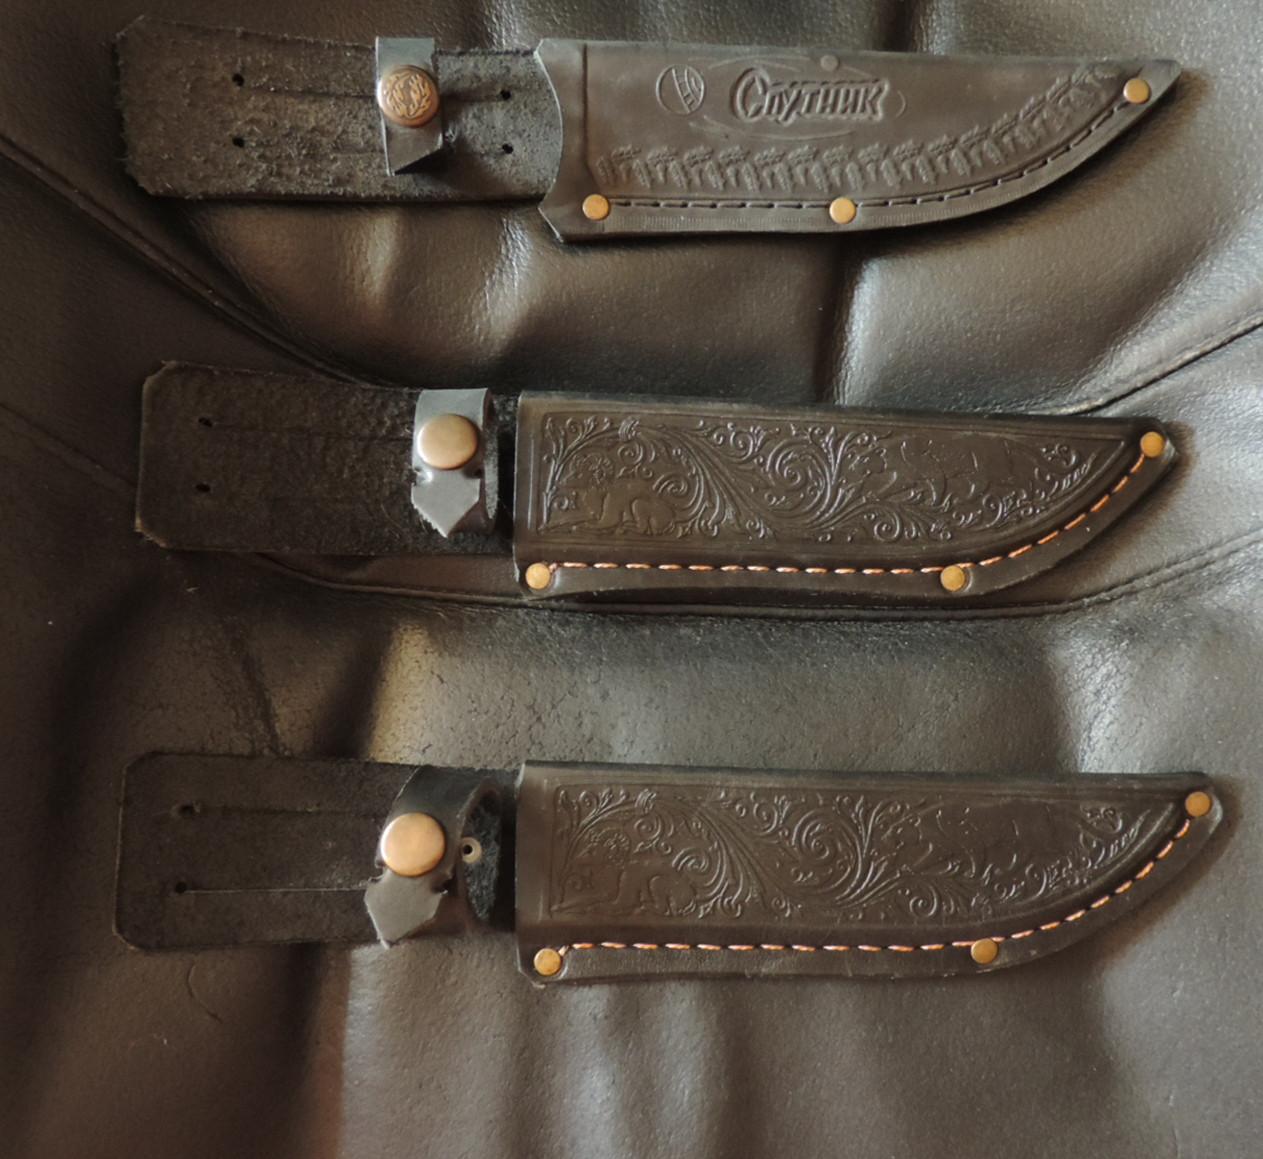 Чехол (кобура) для ножа. Натуральная воловья кожа - 4мм. Прочность и комфорт.